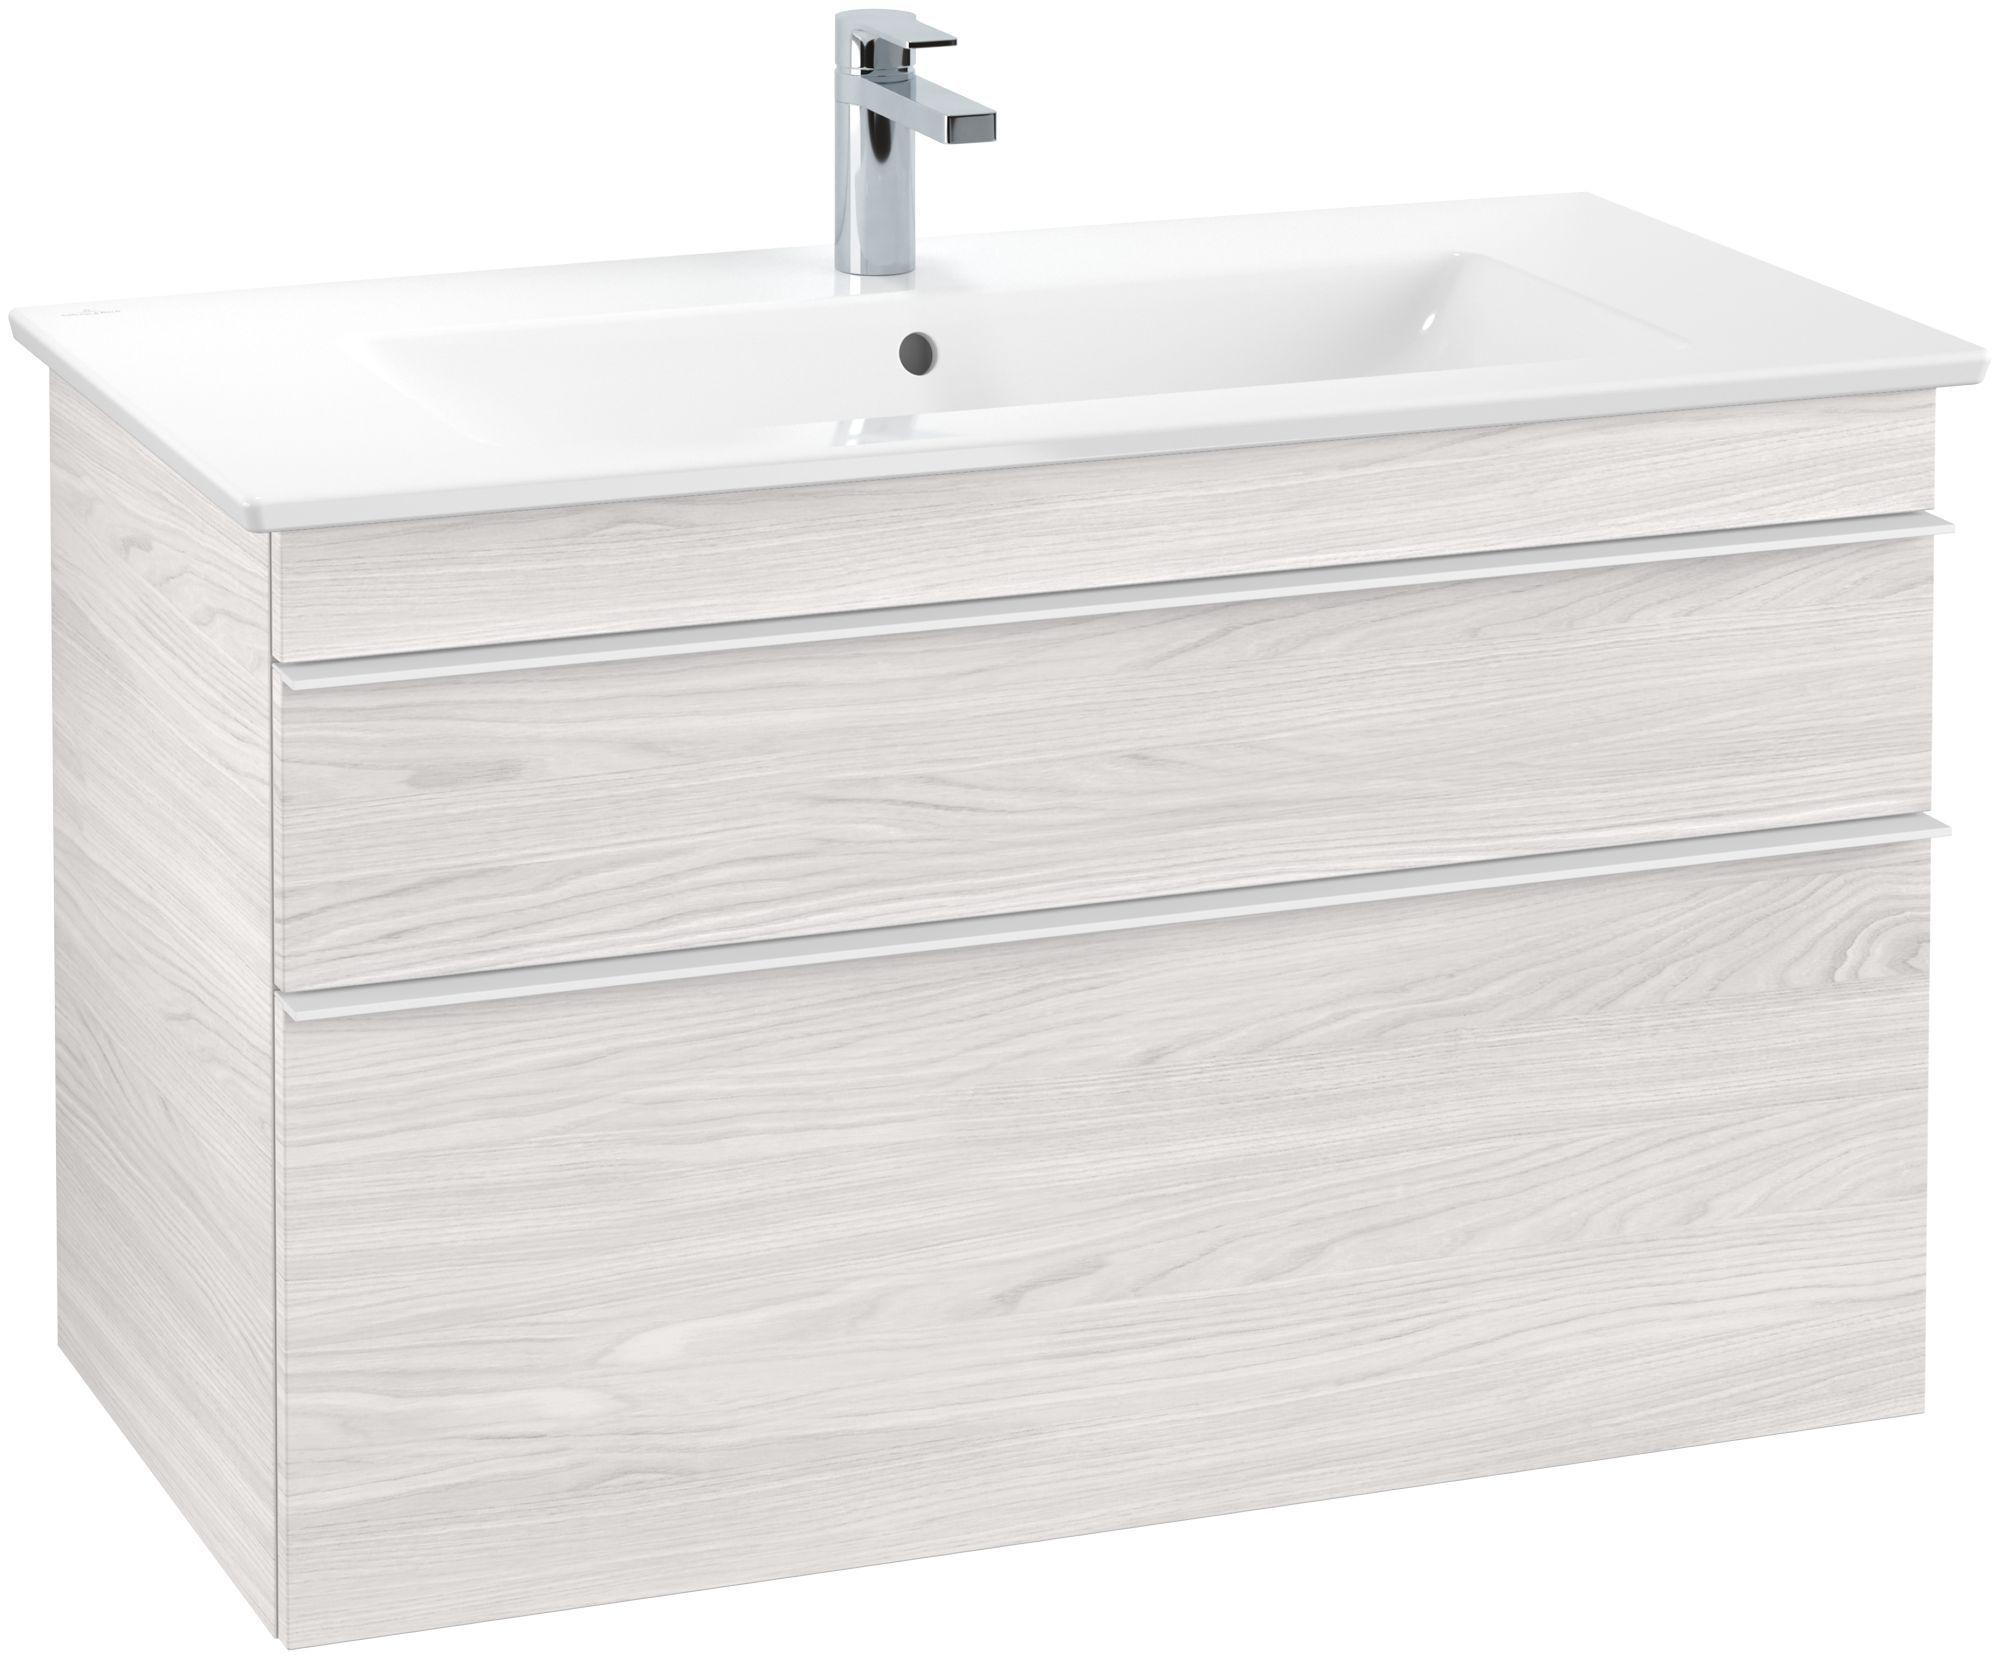 Villeroy & Boch Venticello Waschtischunterschrank 2 Auszüge B:95,3xH:59xT:50,2cm white wood Griffe white Griffe weiß A92602E8